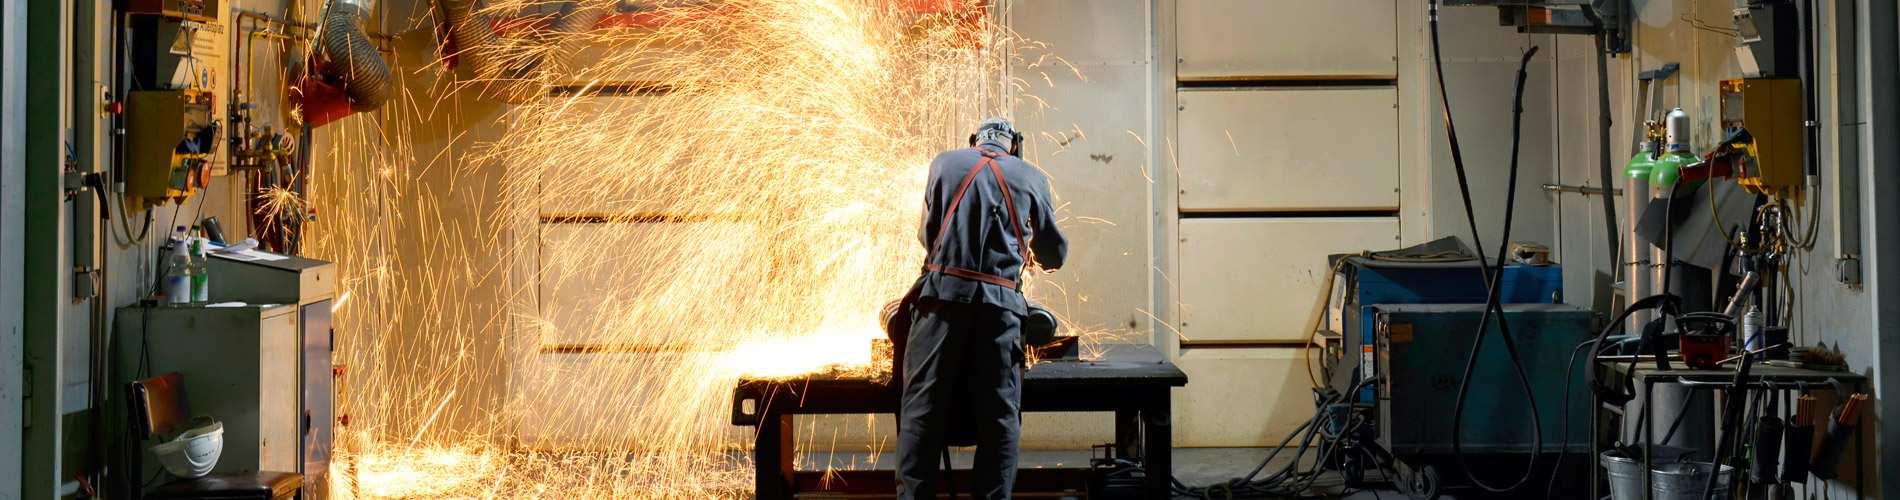 Man welding in garage.